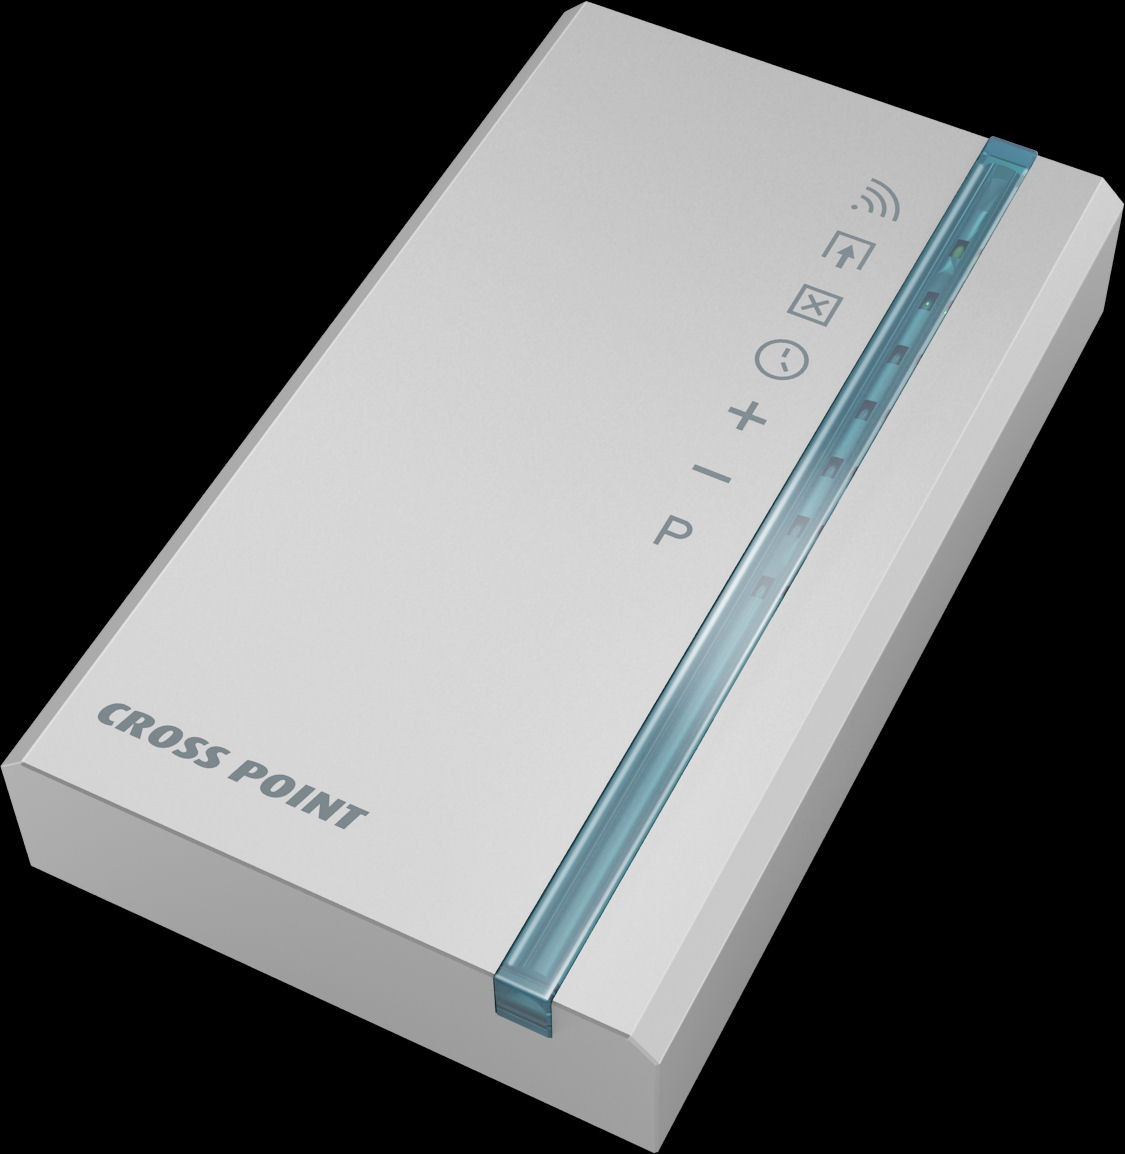 RFID-produkter med speciella funktioner som ex accesskontroll